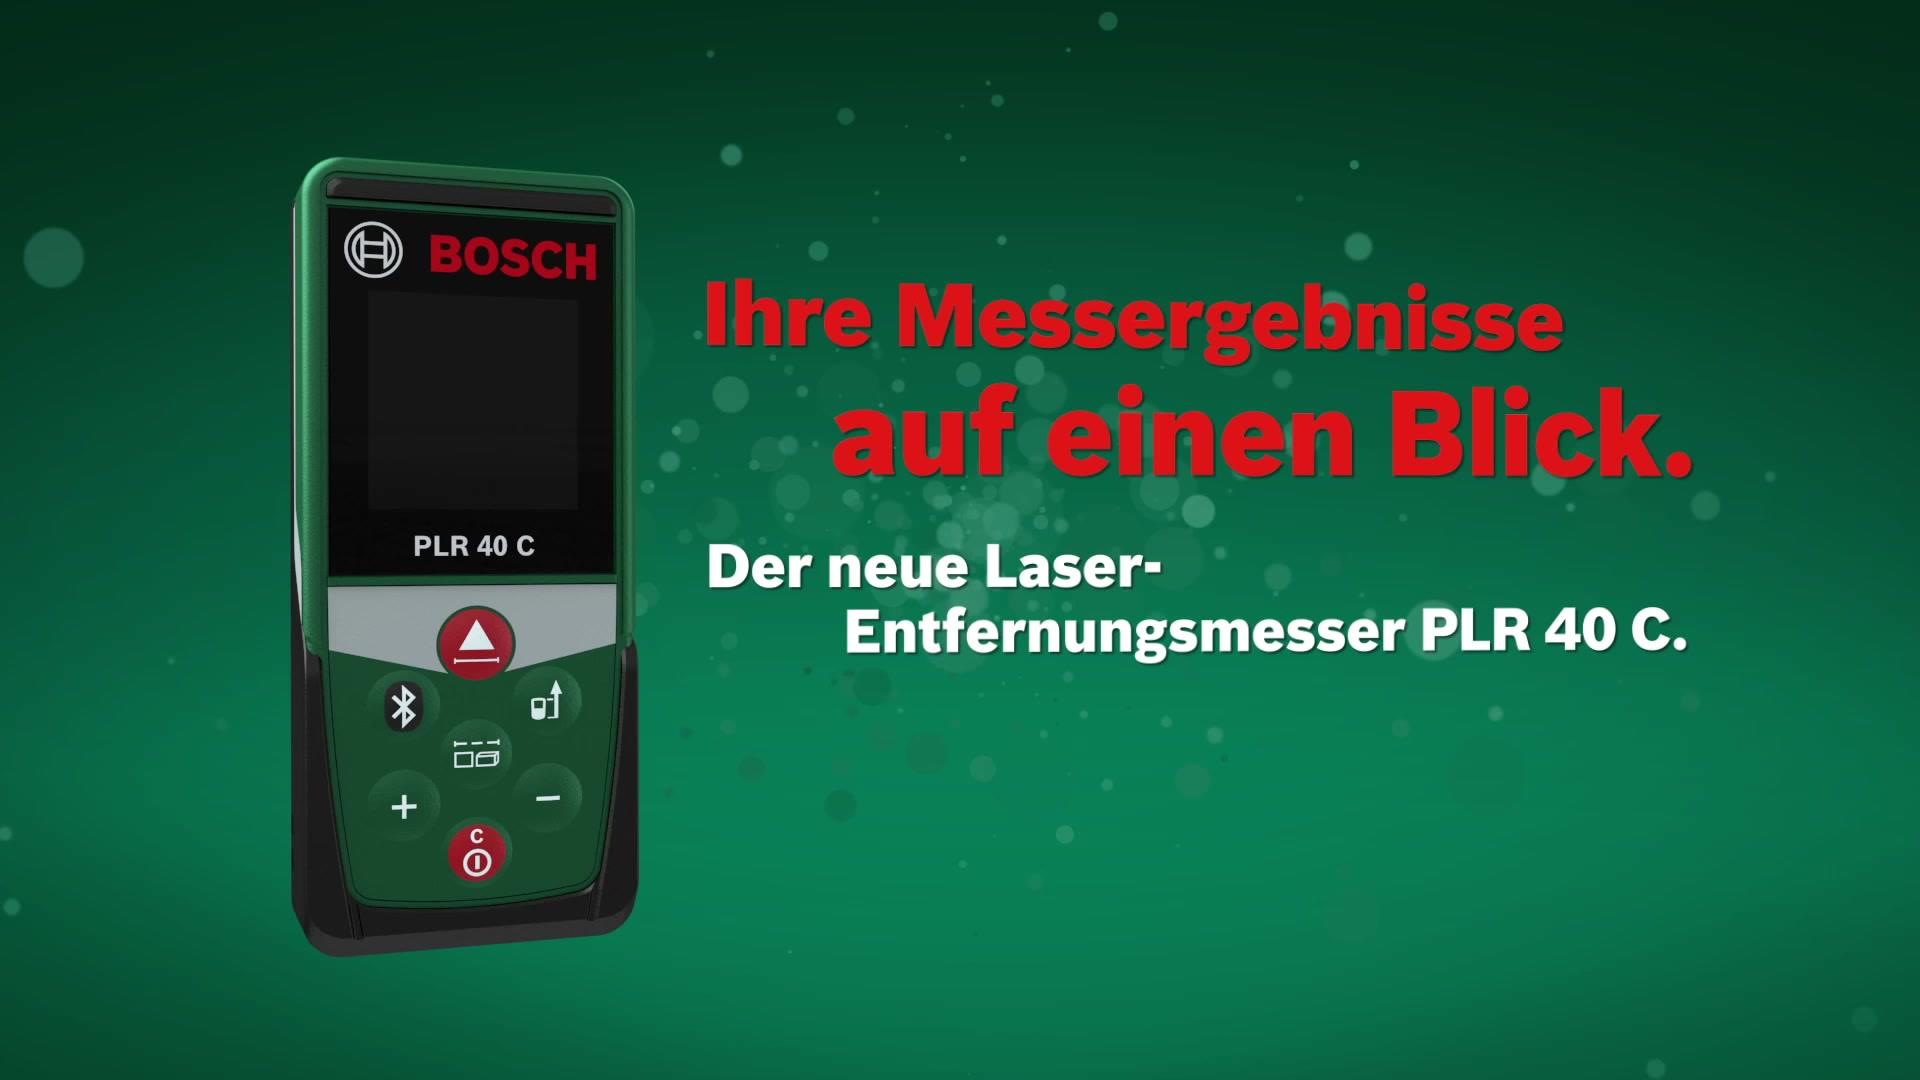 Bosch Entfernungsmesser Neu : Bosch laser entfernungsmesser plr c« hagebau